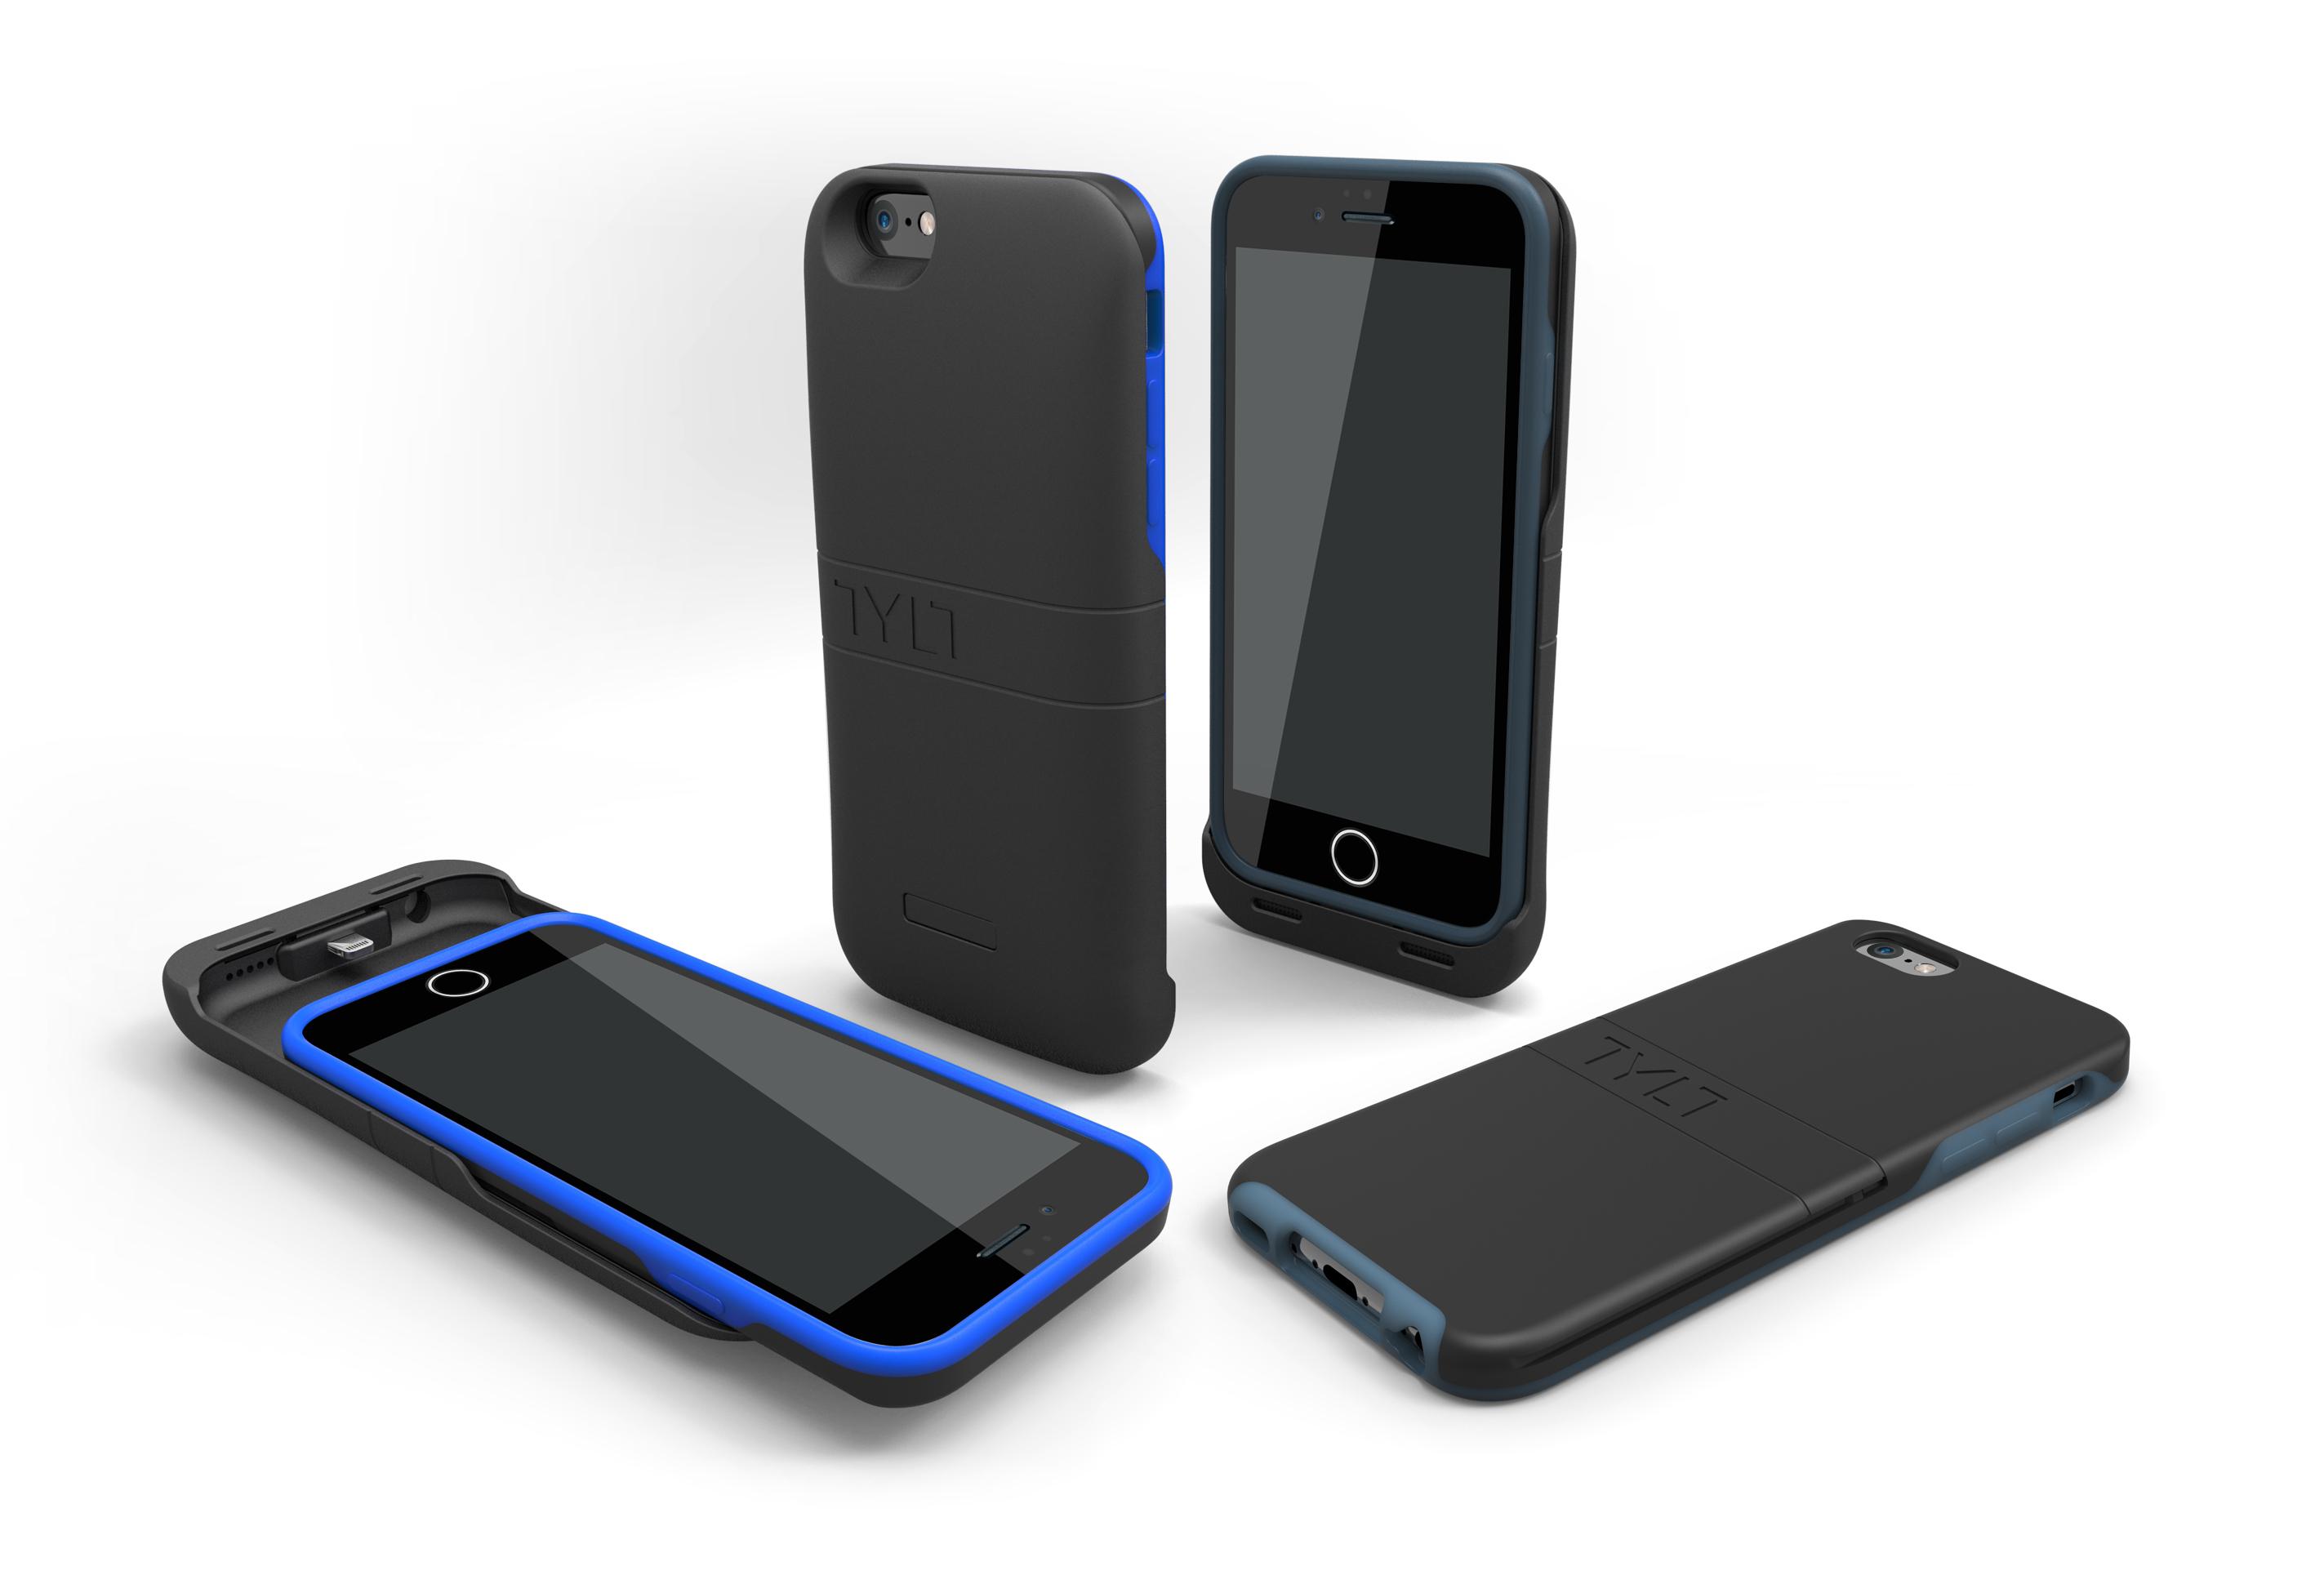 TYLT Energi Sliding Power Case for iPhone 6_1.jpg